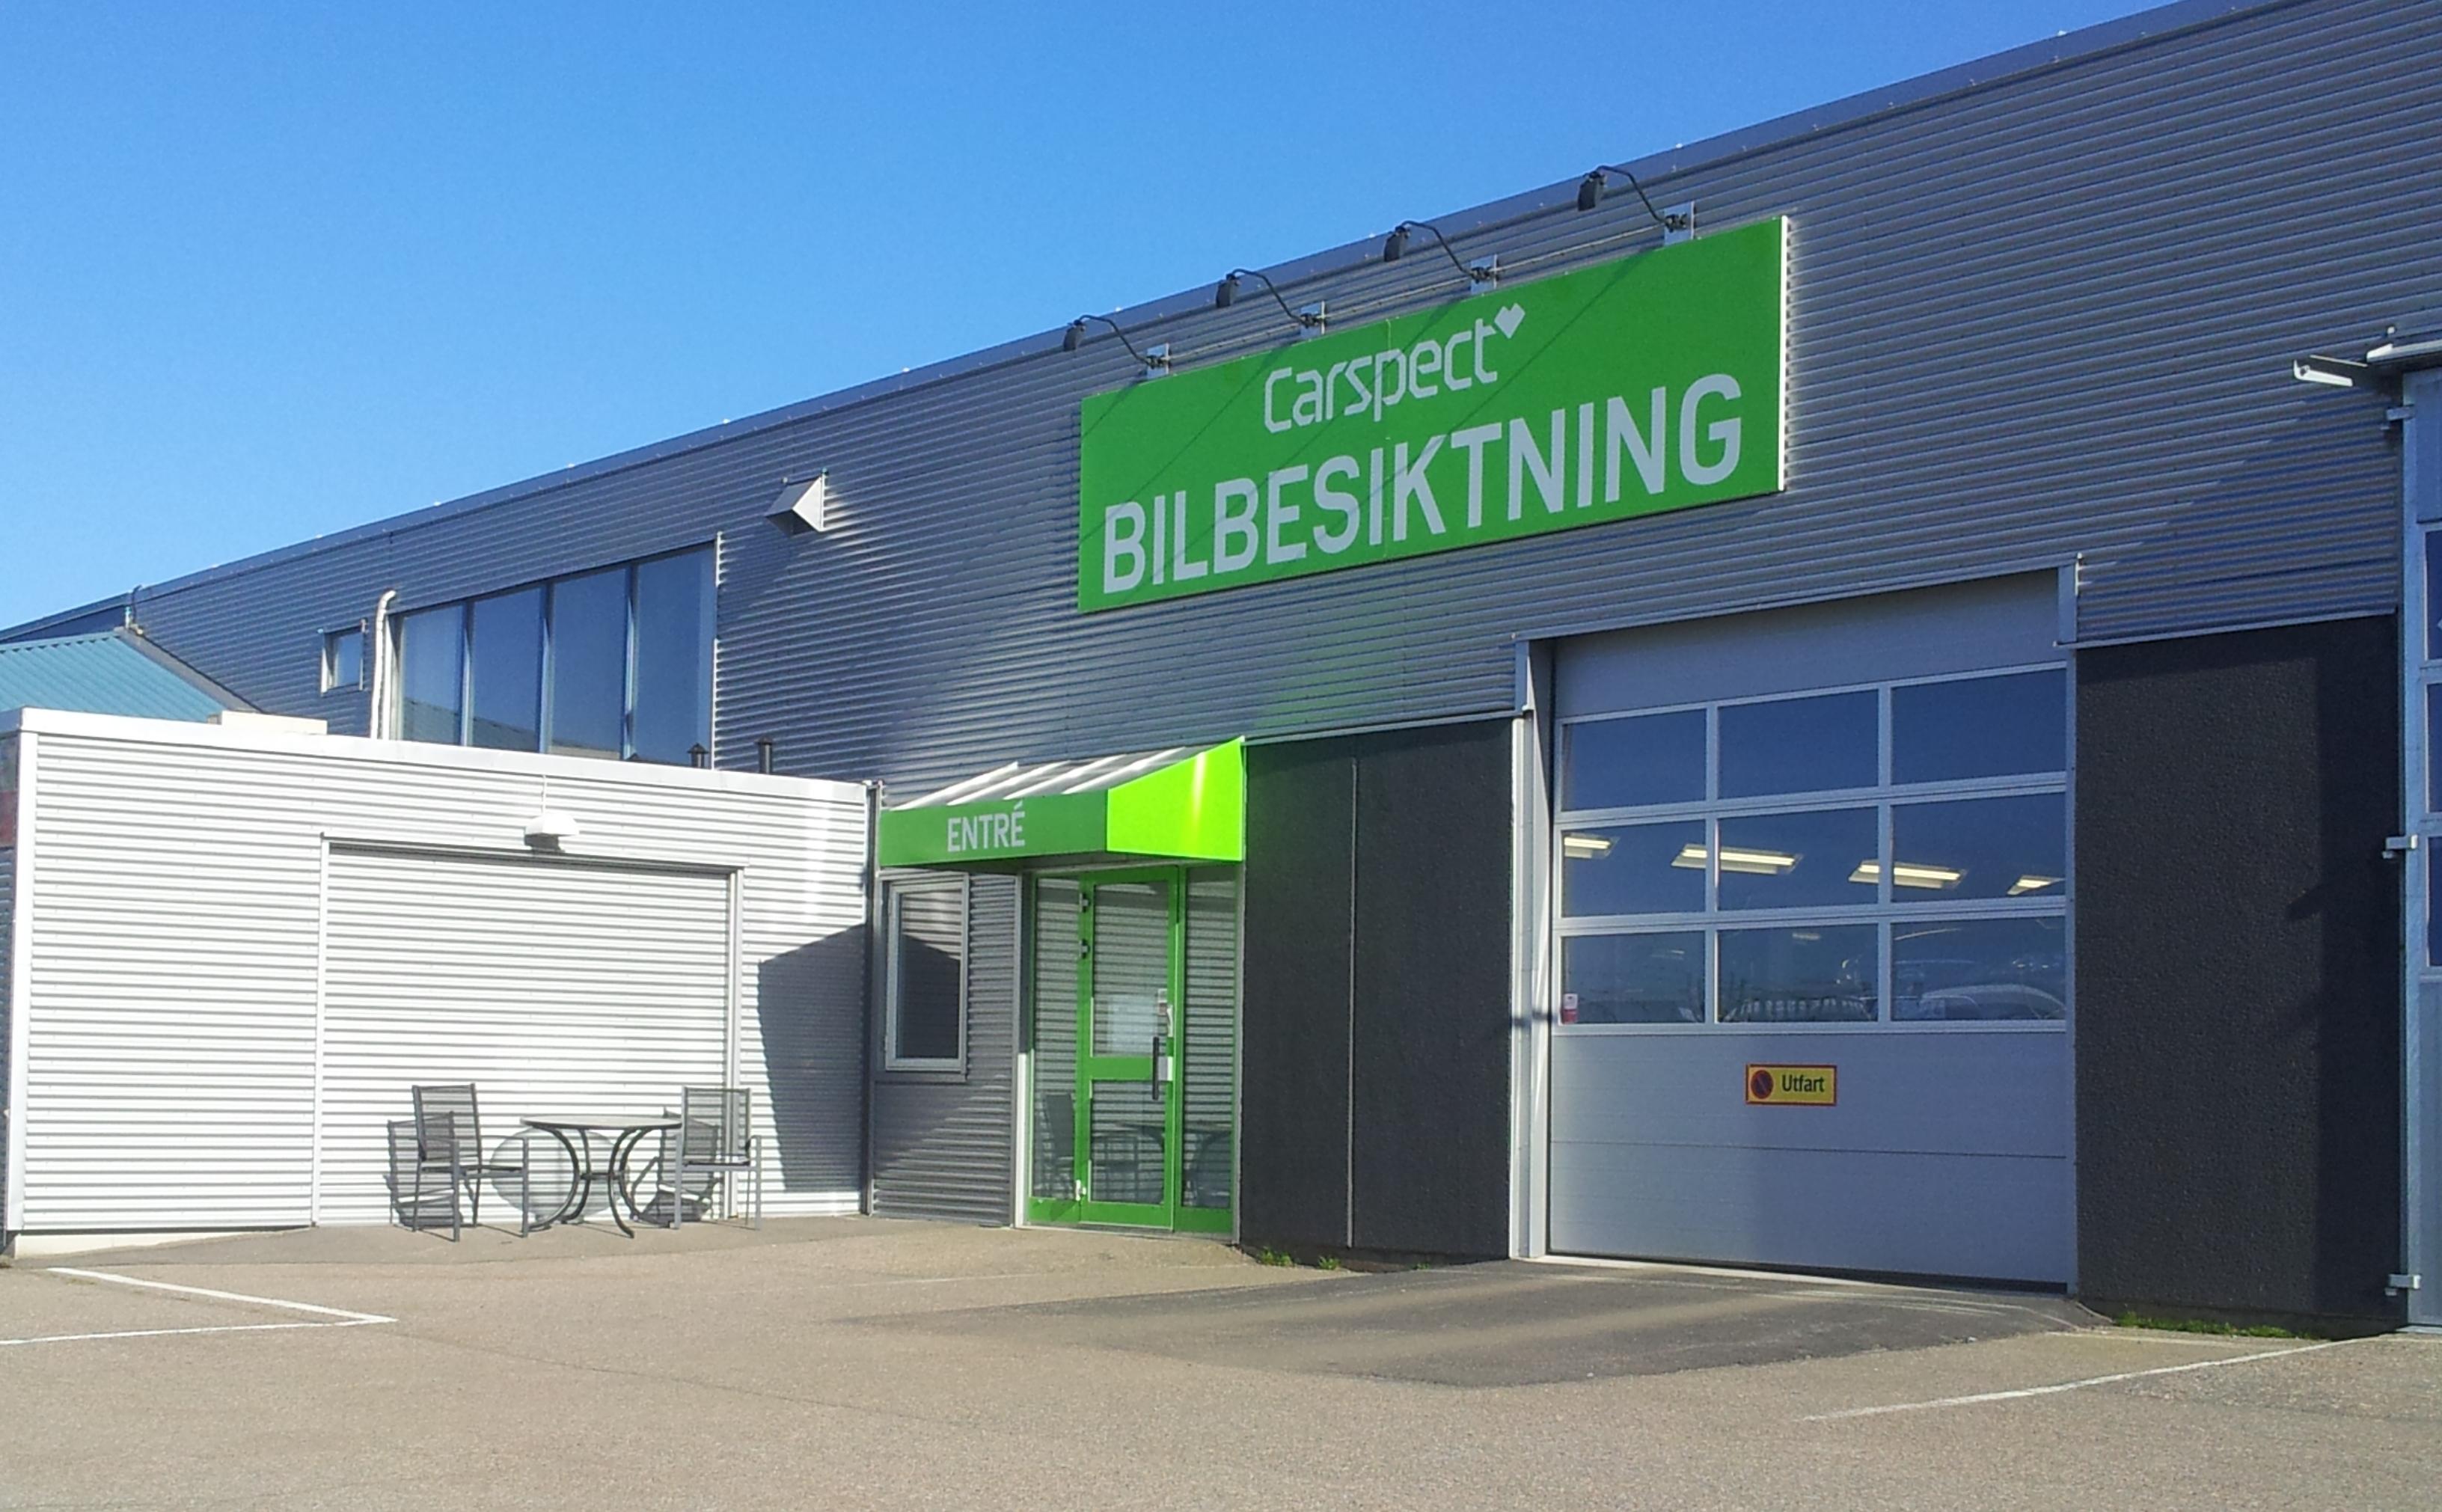 Carspects besiktningsstation i Lassabacka, Vvarberg